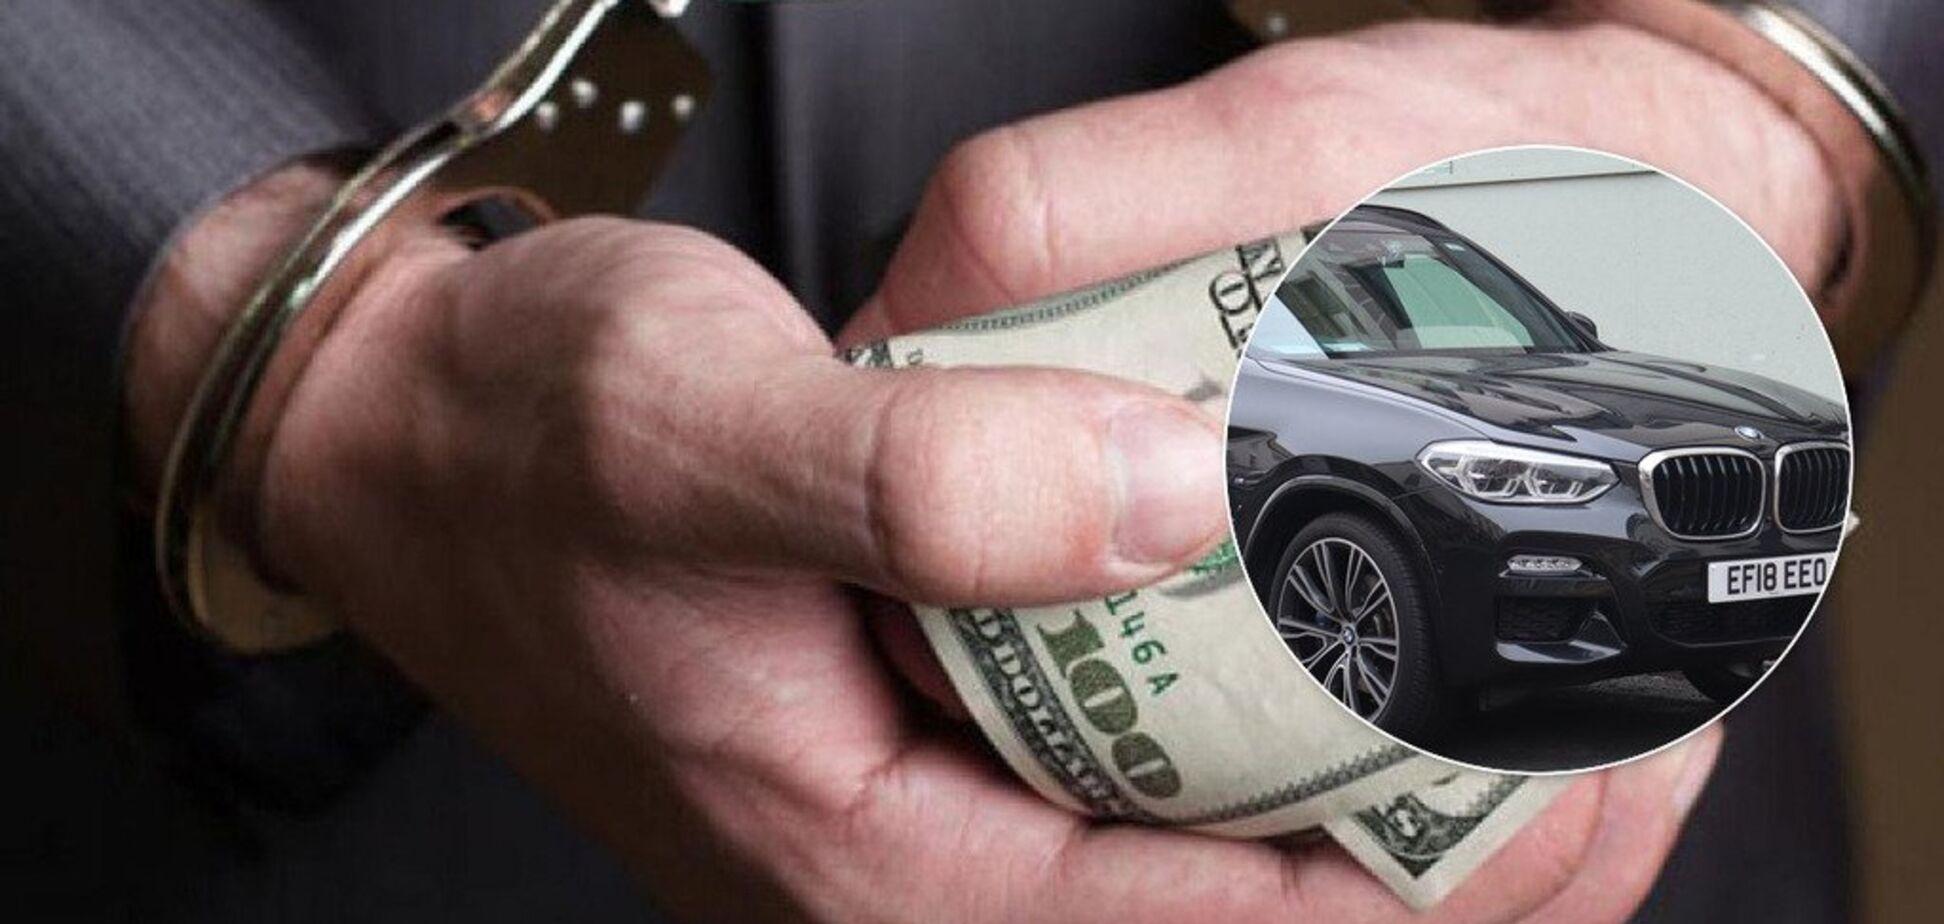 За вступ – BMW: ректора українського вишу звинуватили в масштабних хабарах